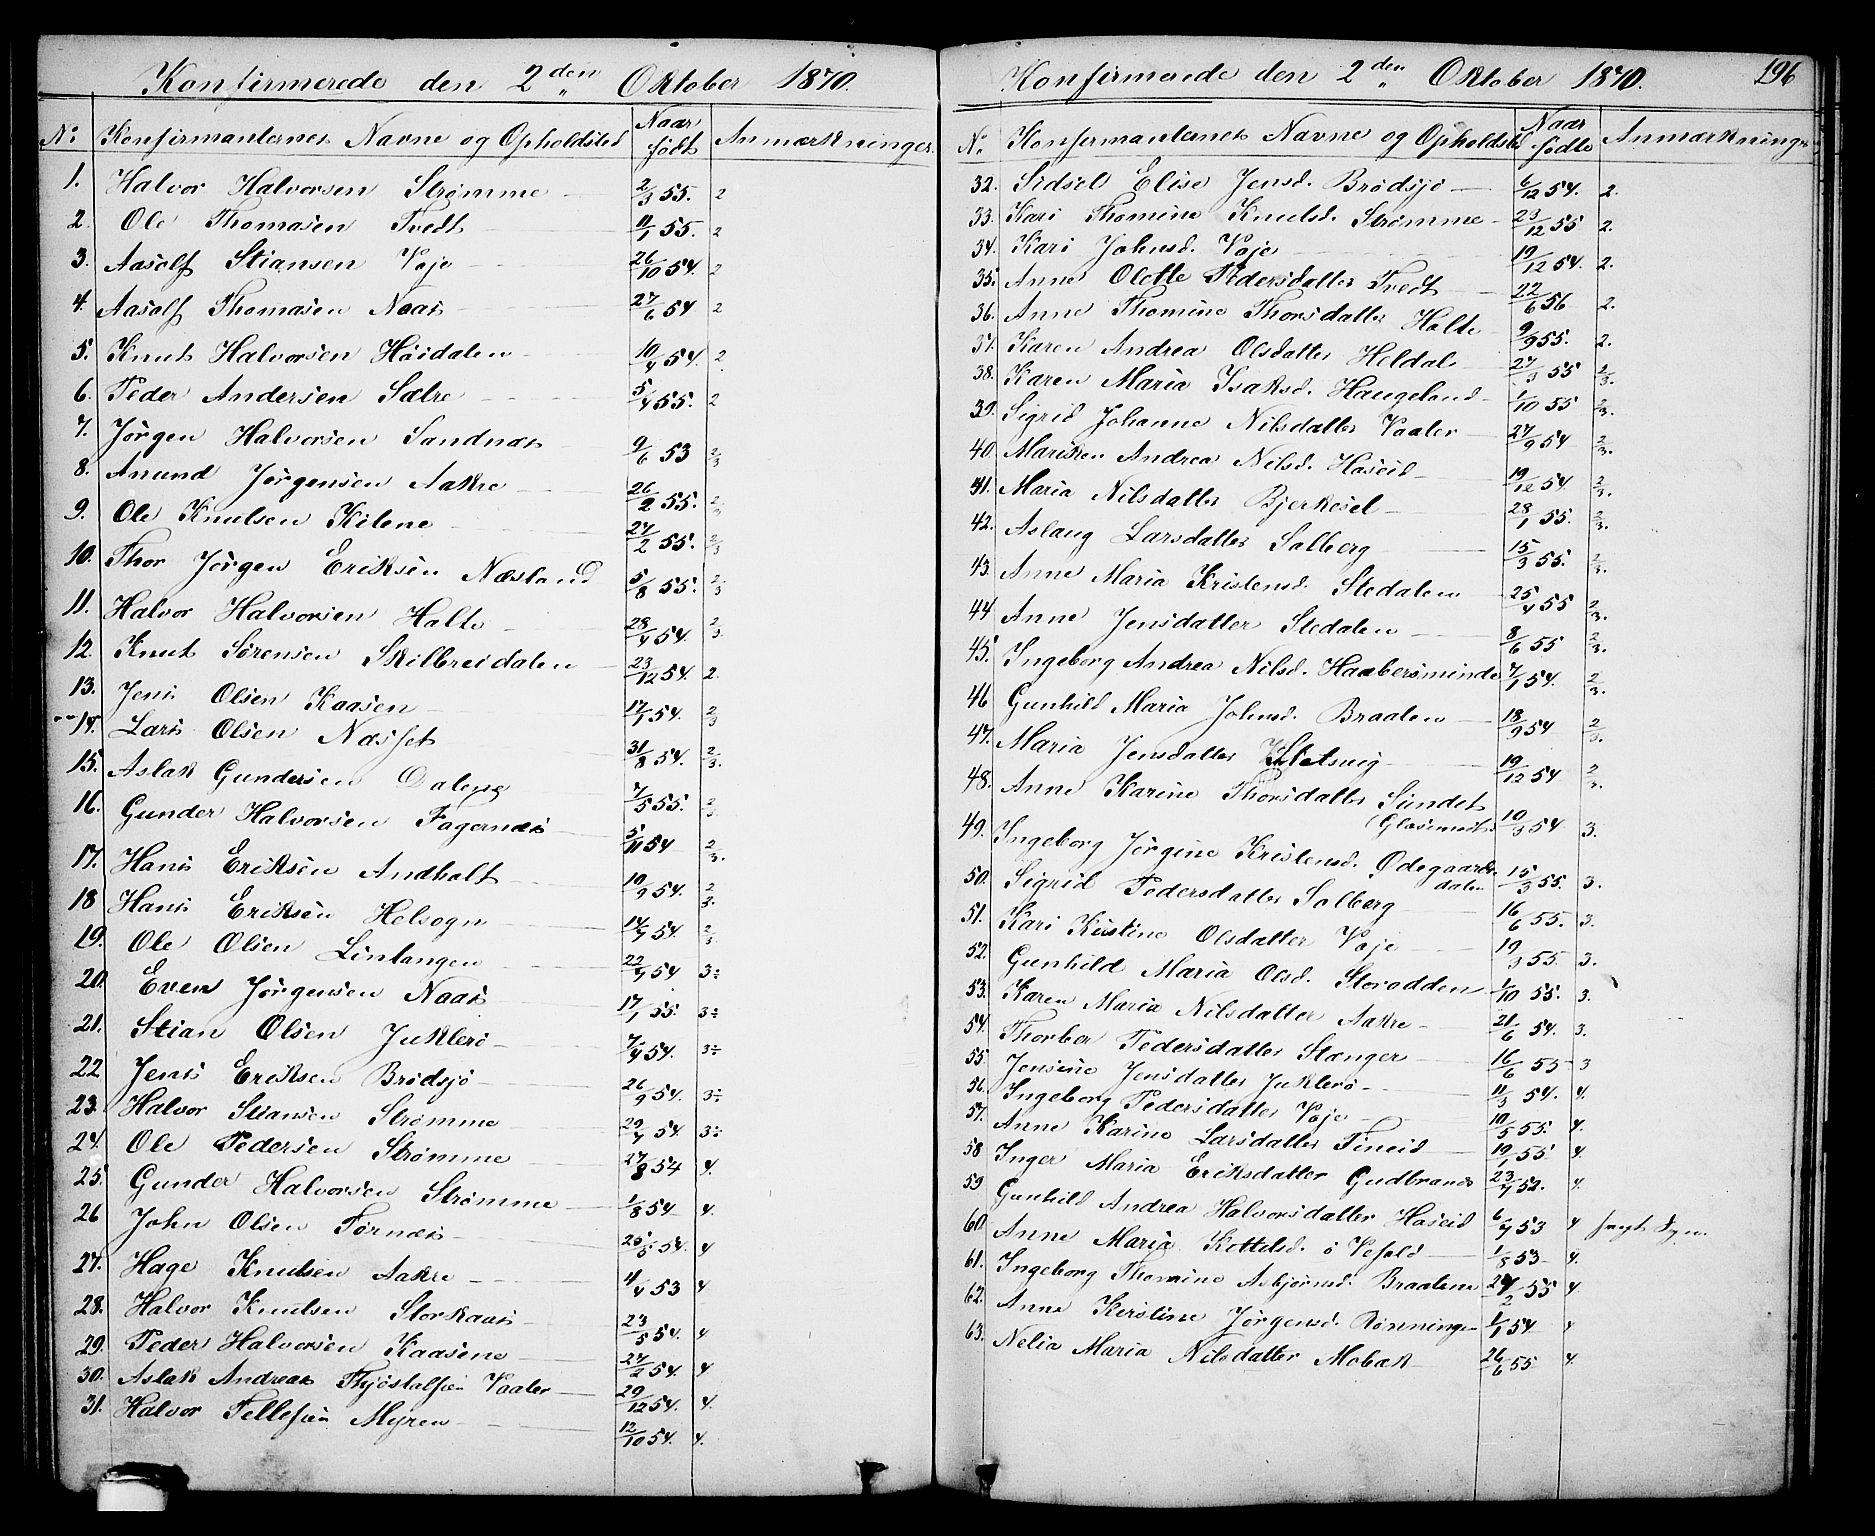 SAKO, Drangedal kirkebøker, G/Ga/L0002: Klokkerbok nr. I 2, 1856-1887, s. 196